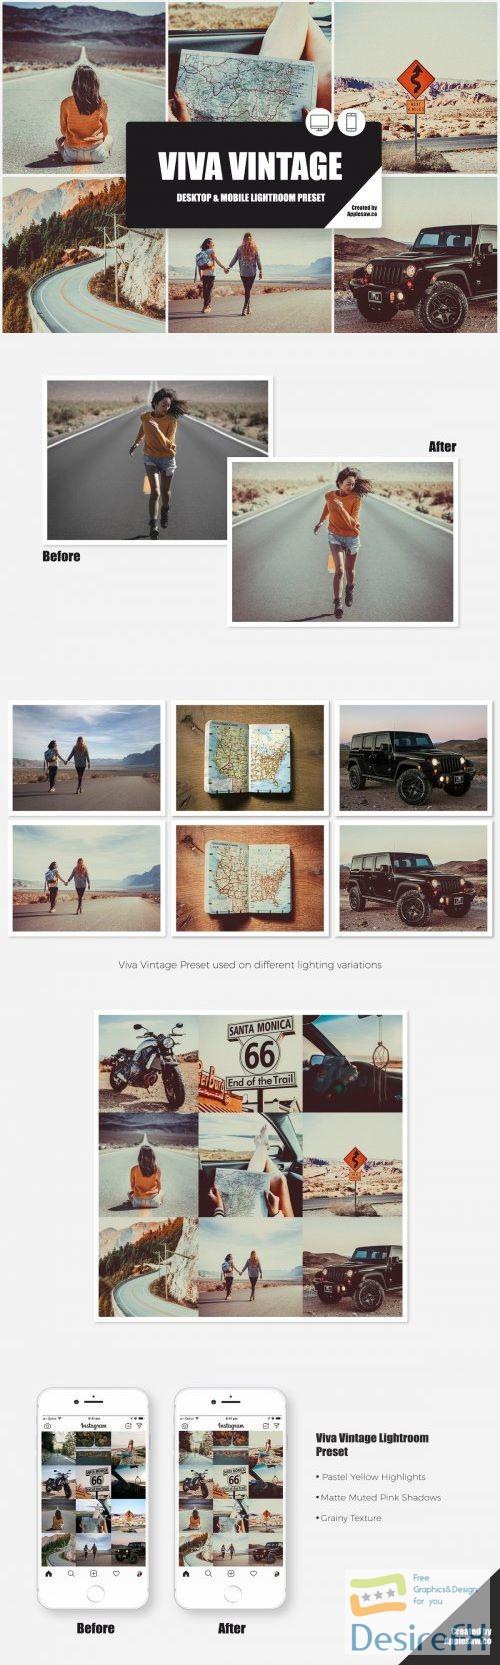 photoshop - Viva Vintage Lightroom Preset 3977625